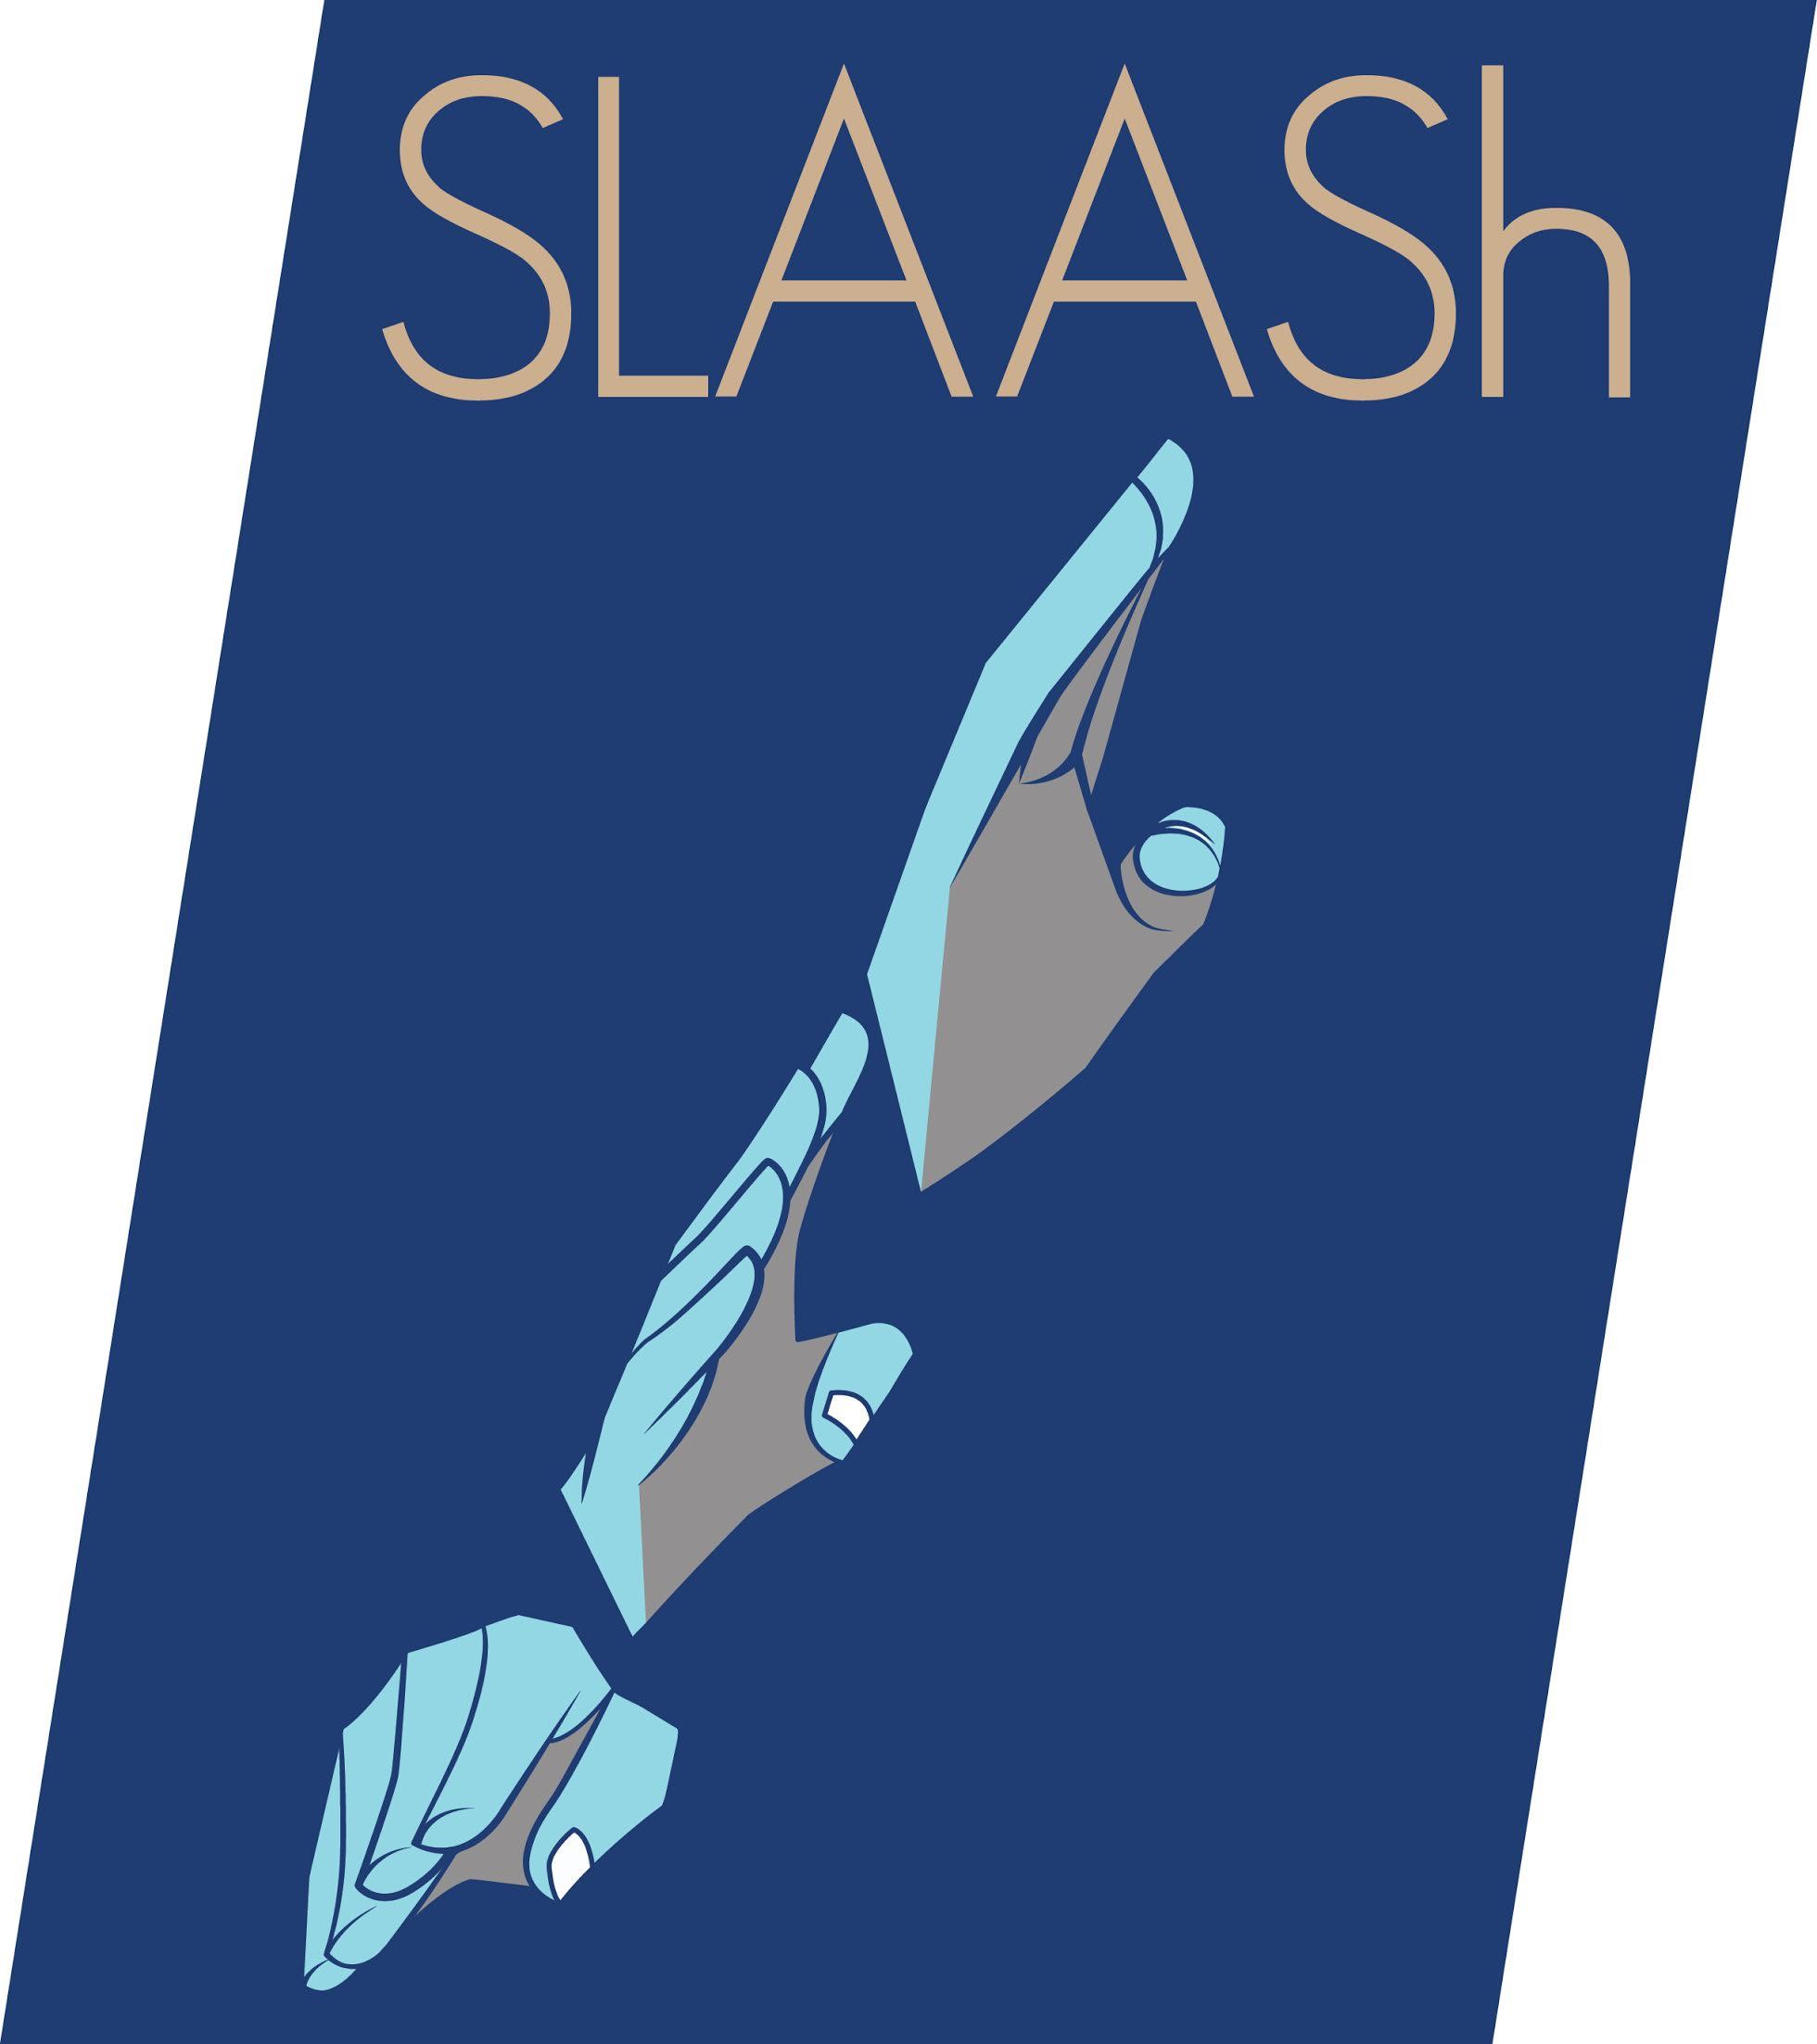 slaash-logo